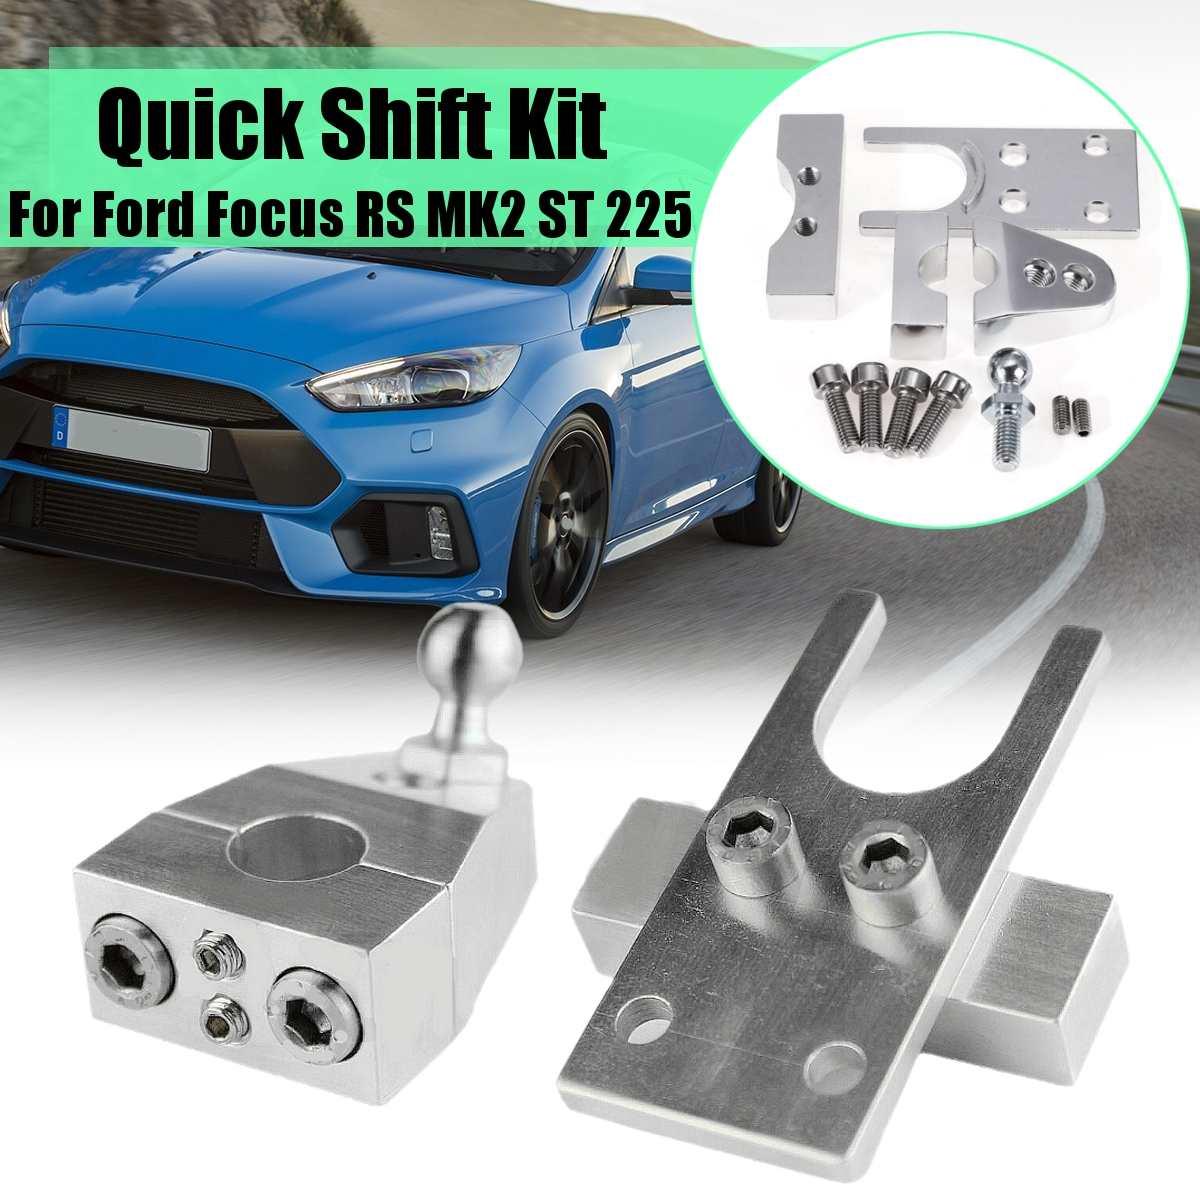 1Set 자동차 빌렛 스테인레스 스틸 퀵 쉬프트 레이스 랠리 포드 포커스 용 퀵 시프트 키트 RS MK2 ST 225 es70150 액세서리